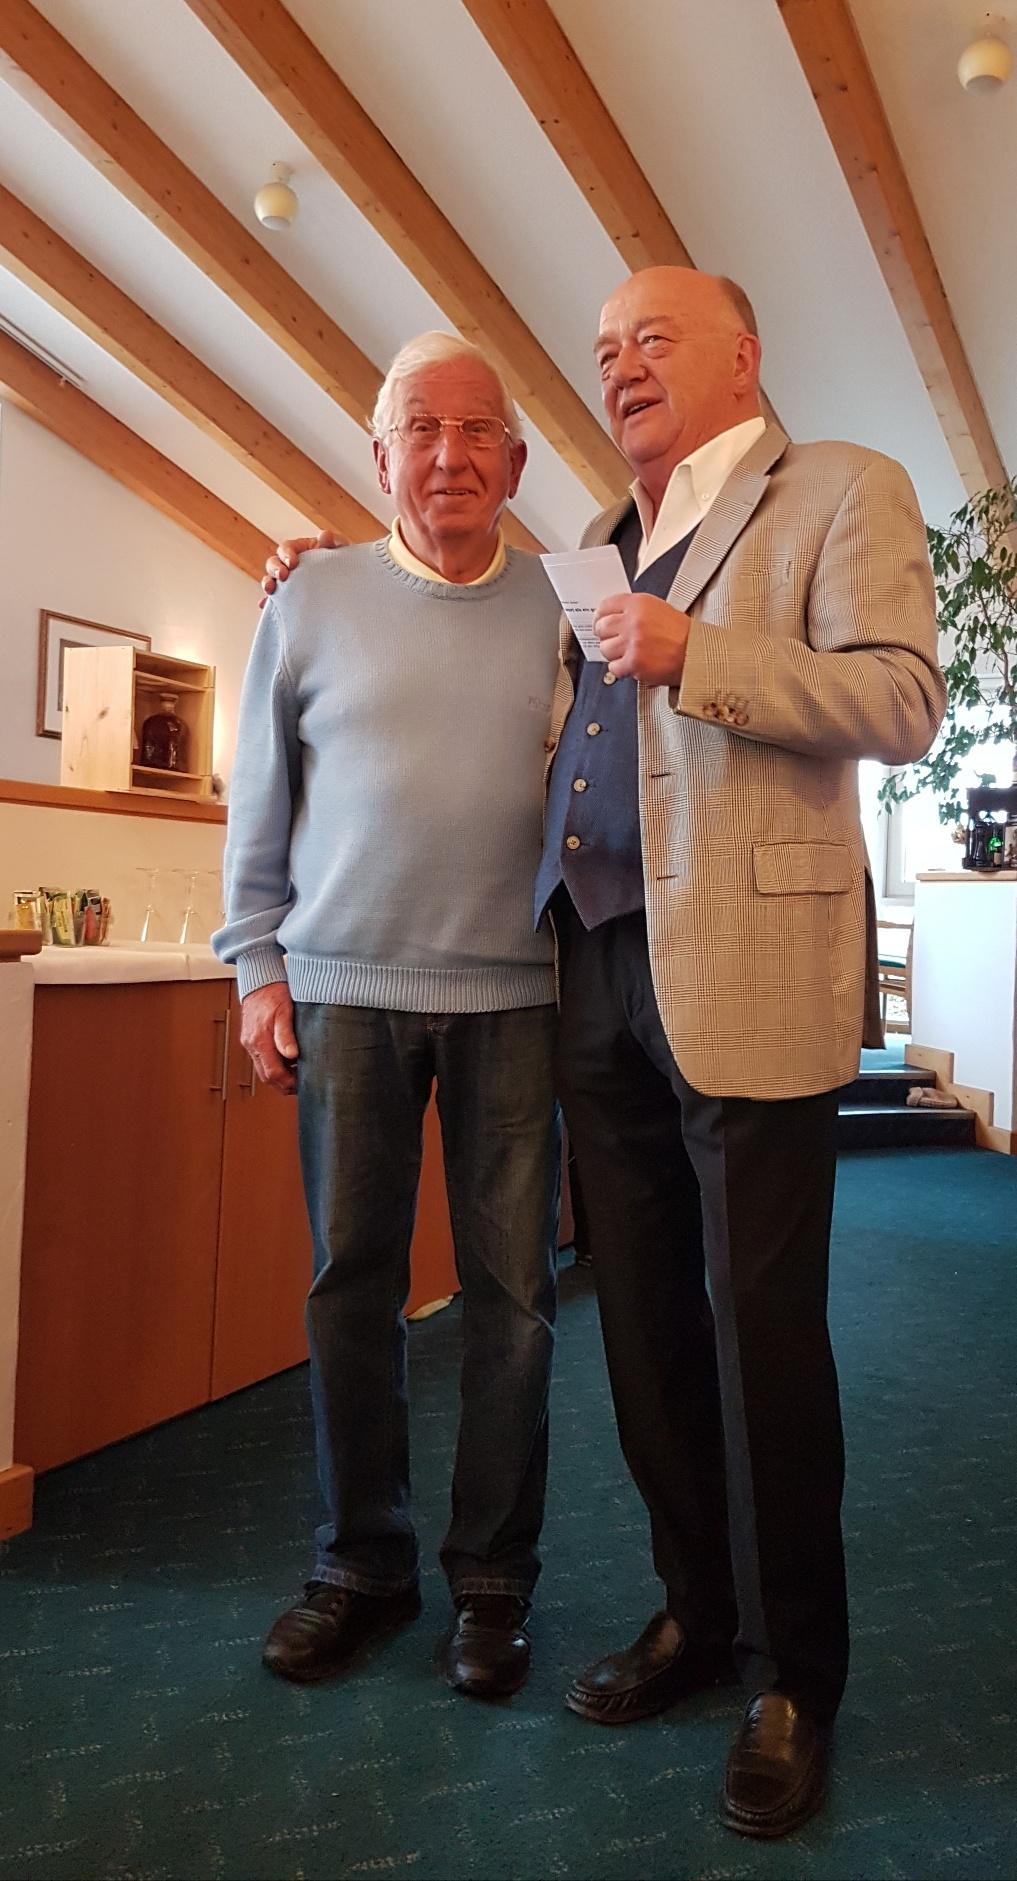 Präsident Udo Rogotzki (rechts) hebt in seiner Rede das große Engagement von Rolf Wörner hervor. Wörner, der die Mai-Feste im Golfclub schon seit Jahren mit viel Einsatz organisiert, unterstützt auch in anderen Bereichen den Club. Dafür dankte ihm der Prä